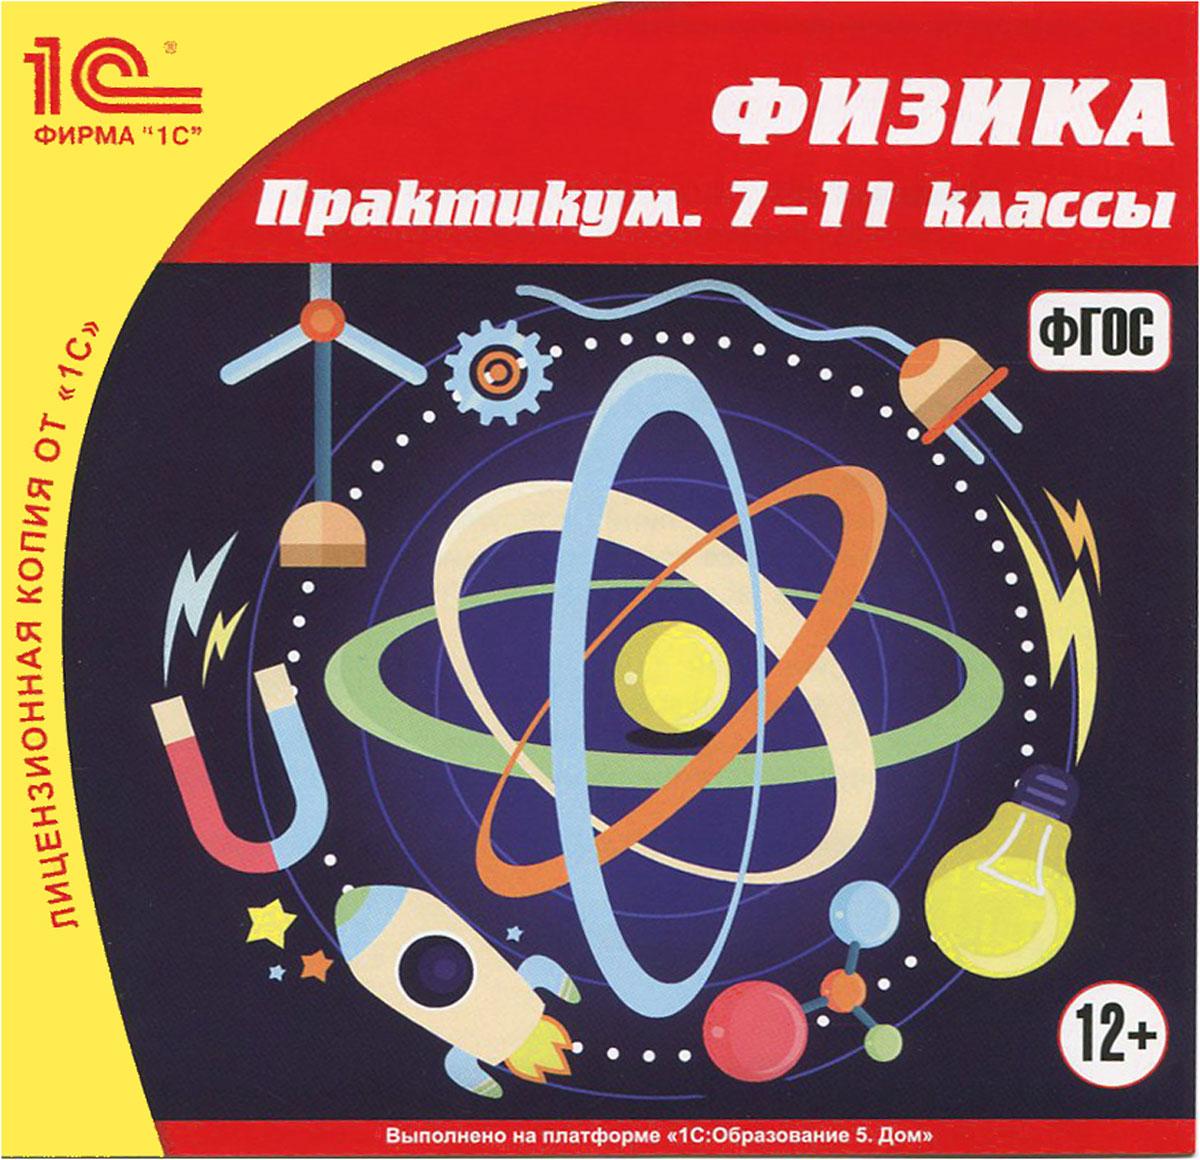 1С:Школа. Физика. Практикум. 7-11 класс (ФГОС)